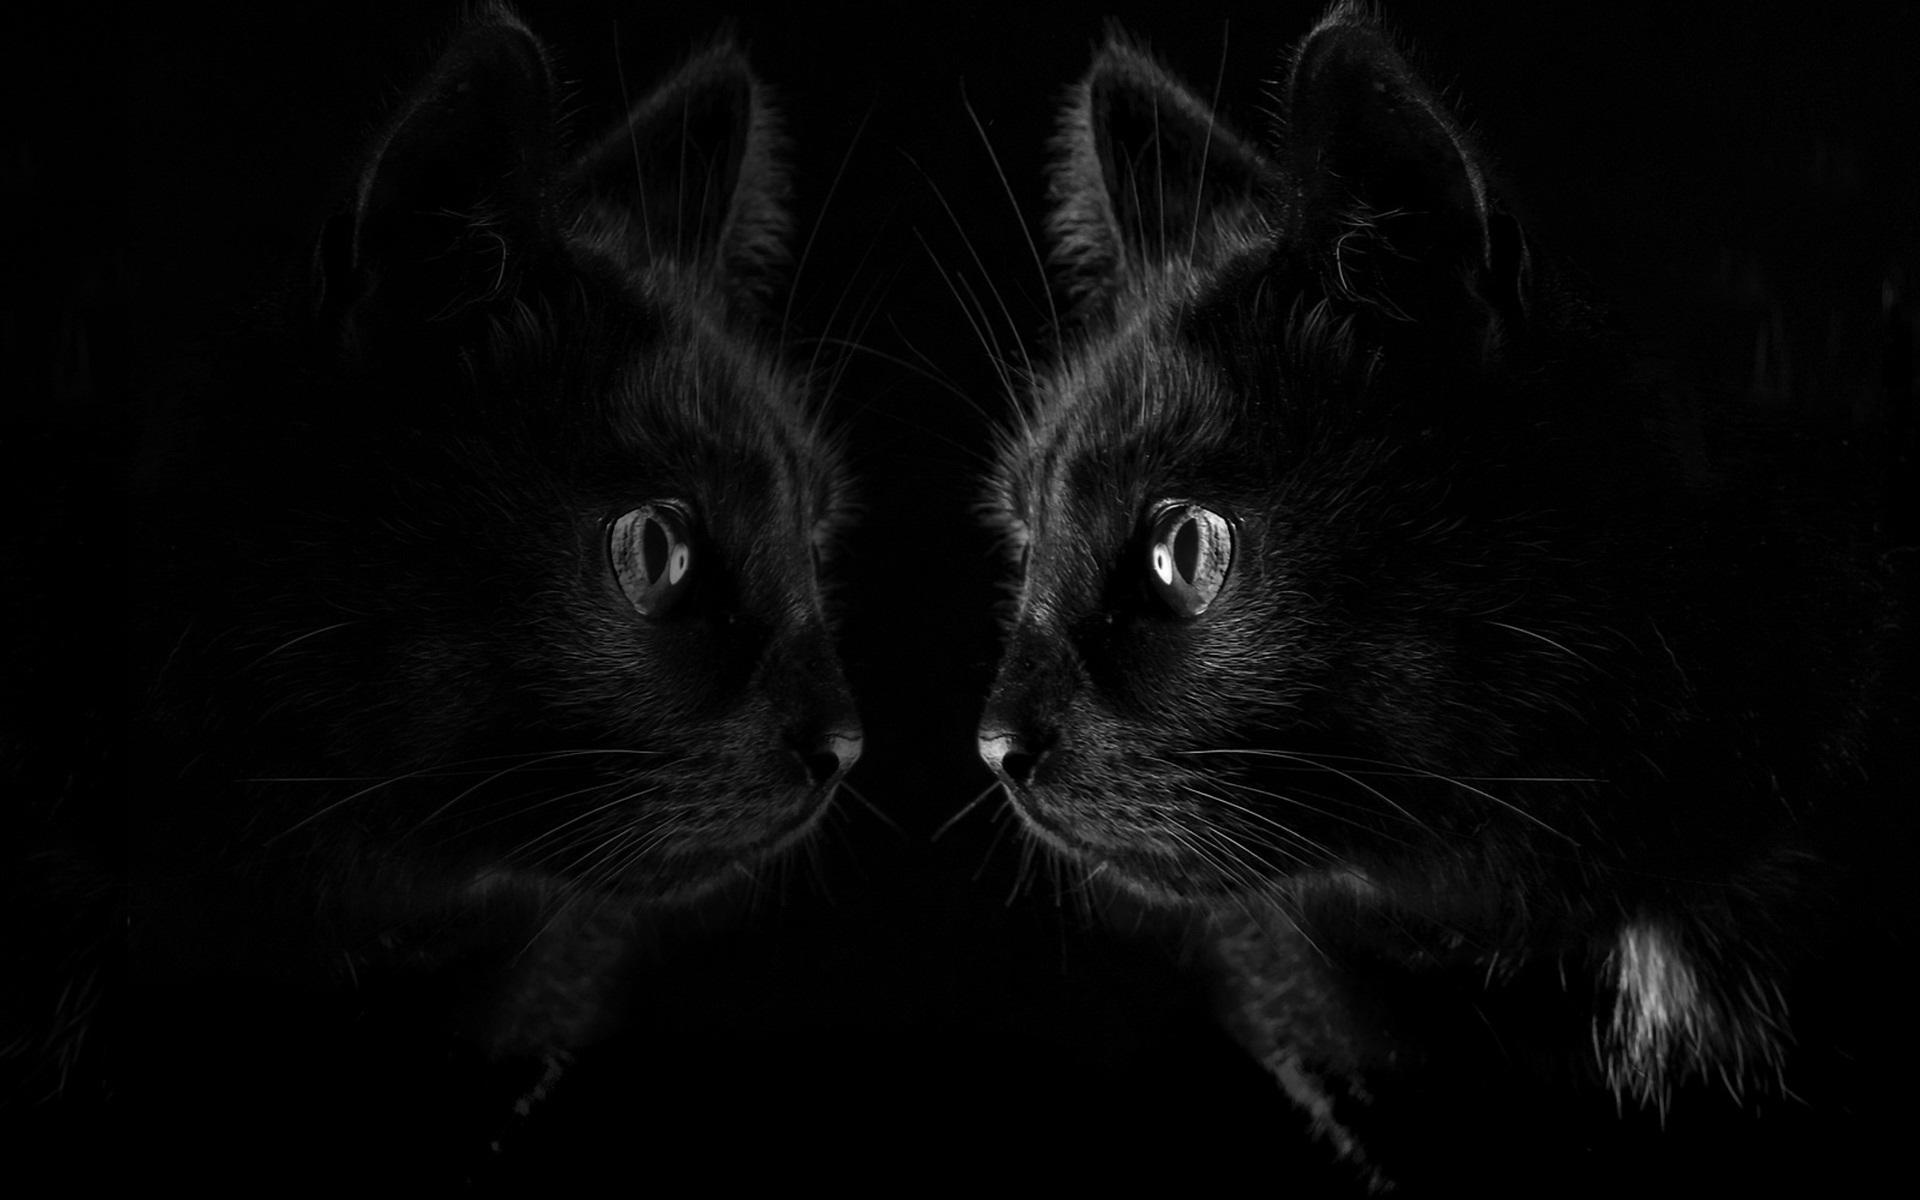 черные кошки картинки на обоях этом видео